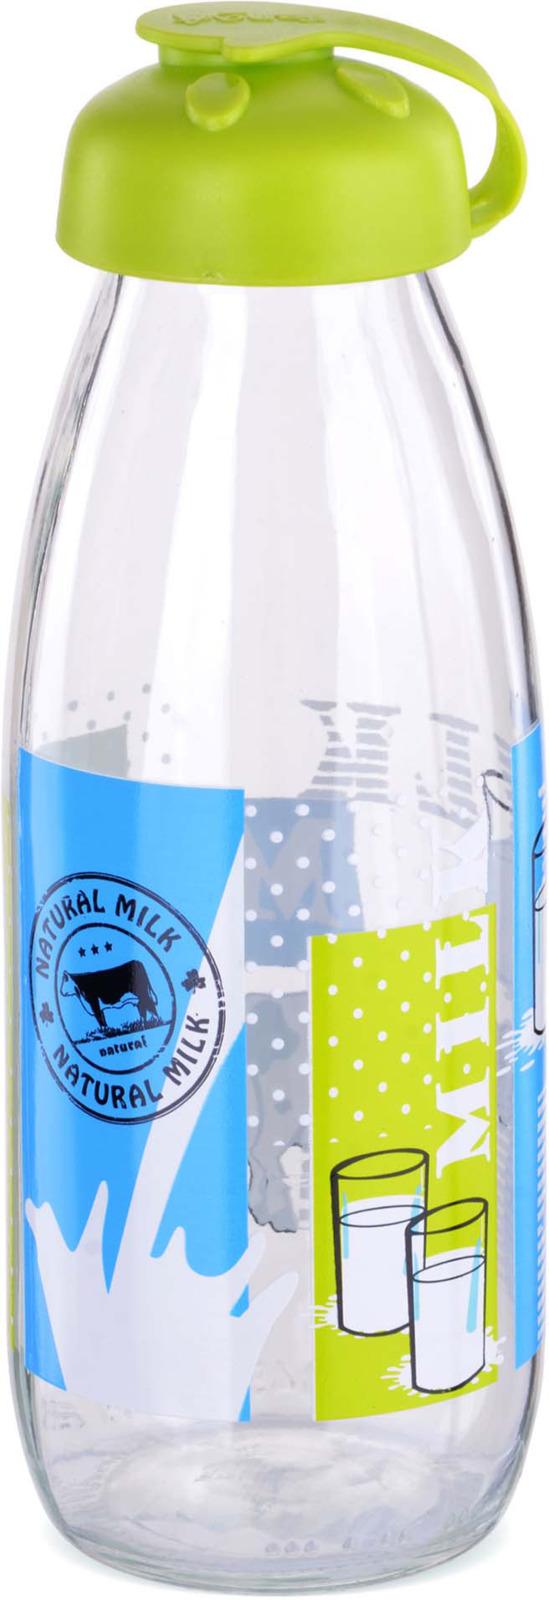 Бутылка для напитков Mayer & Boch, цвет: салатовый, 0,5 л. у3974 стоимость